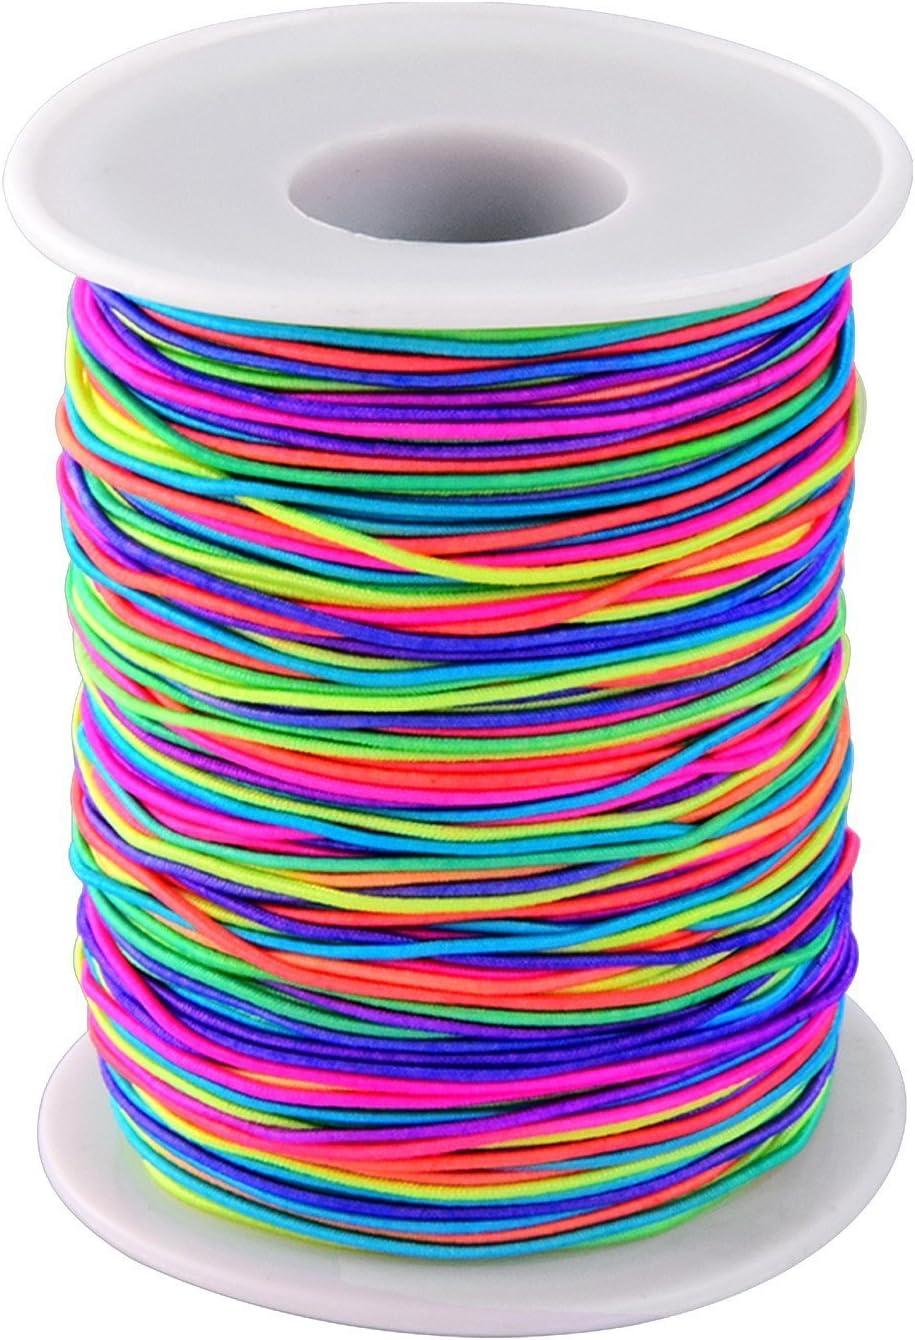 ToWinle - Cordón elástico para abalorios de hilo de perlas de color arco iris, 100 m, cuerda de nailon con 1 mm de diámetro de hilo de color para bricolaje, collar, pulsera y manualidades